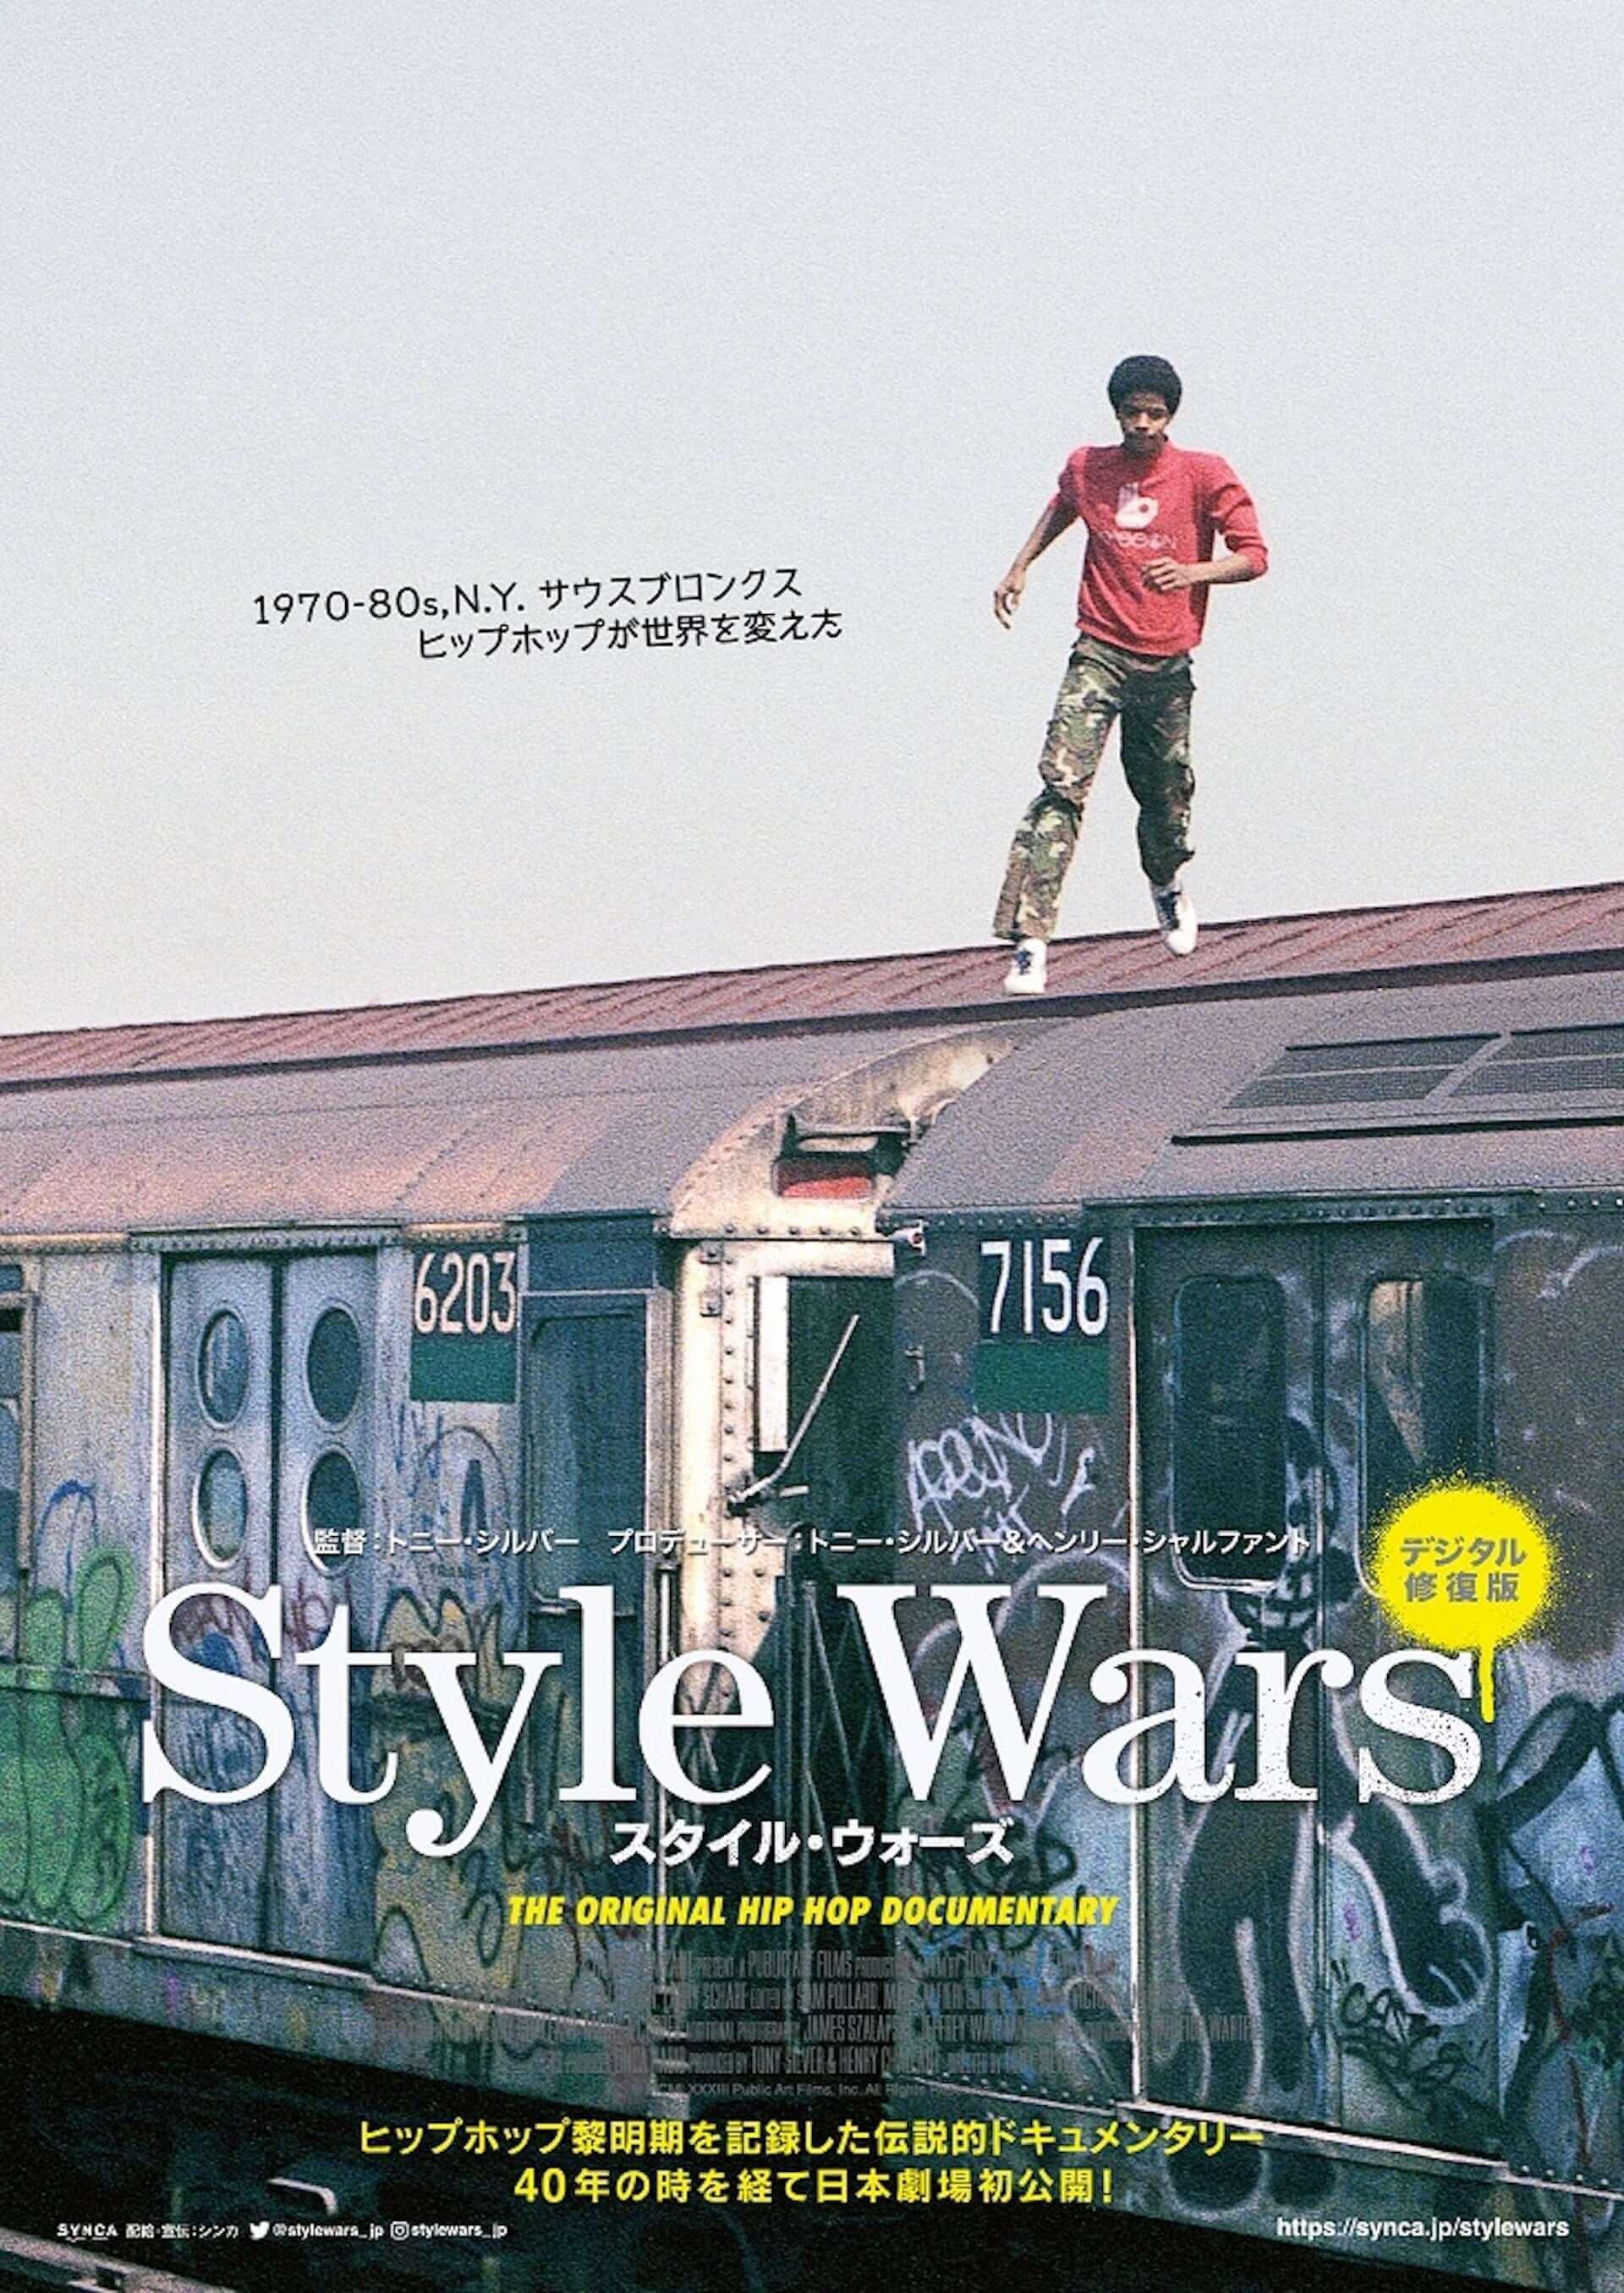 ヒップホップ黎明期を記録したドキュメンタリー映画『Style Wars』冒頭映像が解禁!ANI、サイプレス上野、ダースレイダーらのコメントも到着 film210224_stylewars_2-1920x2711